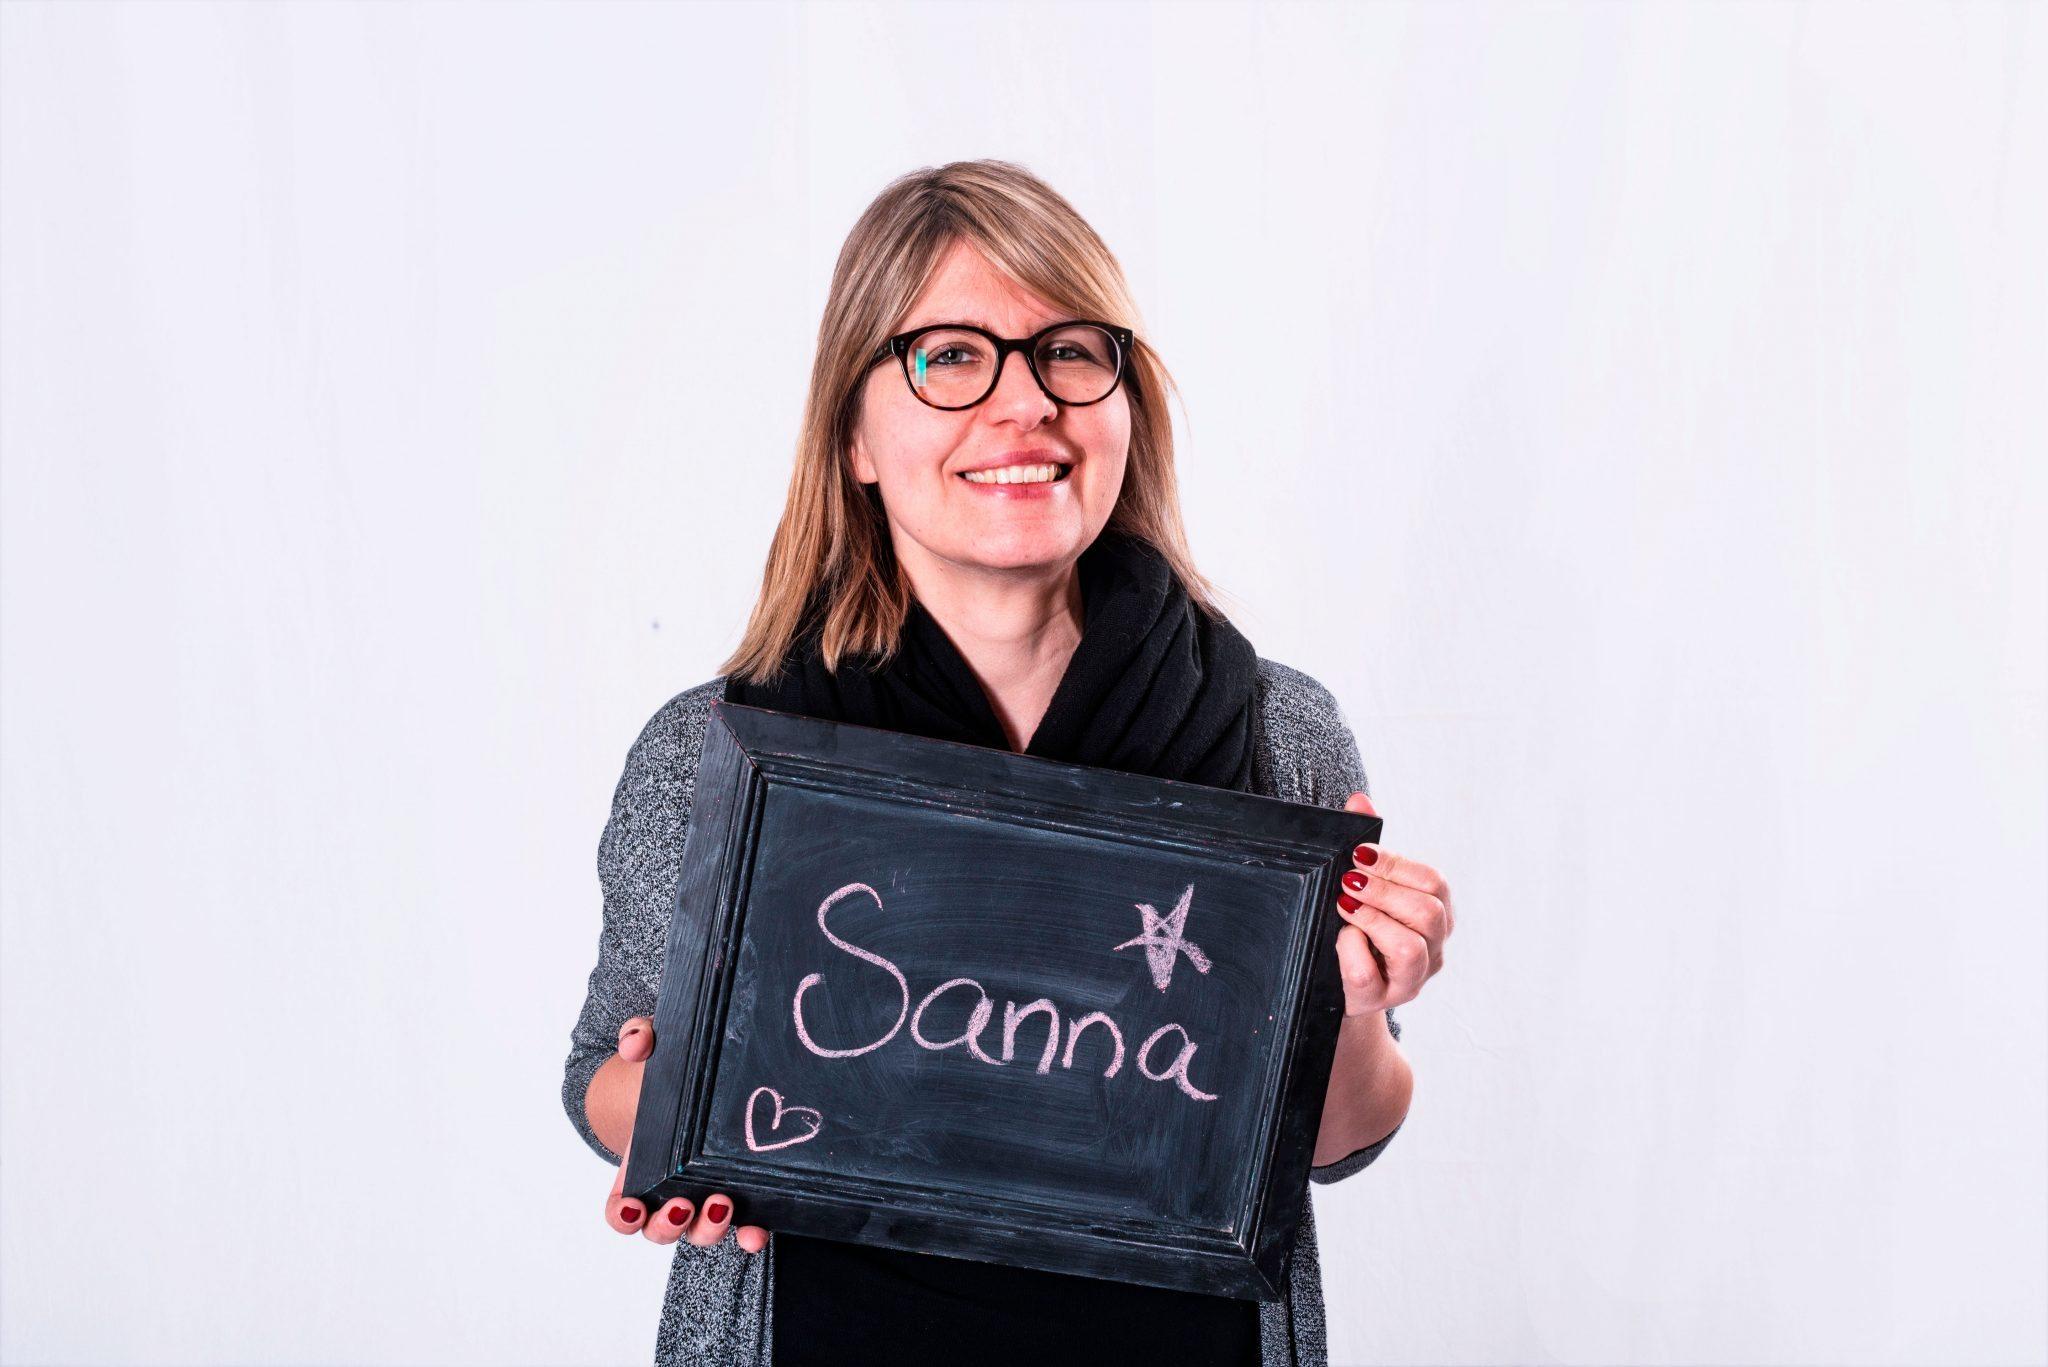 Sanna Heikkinen-Velican